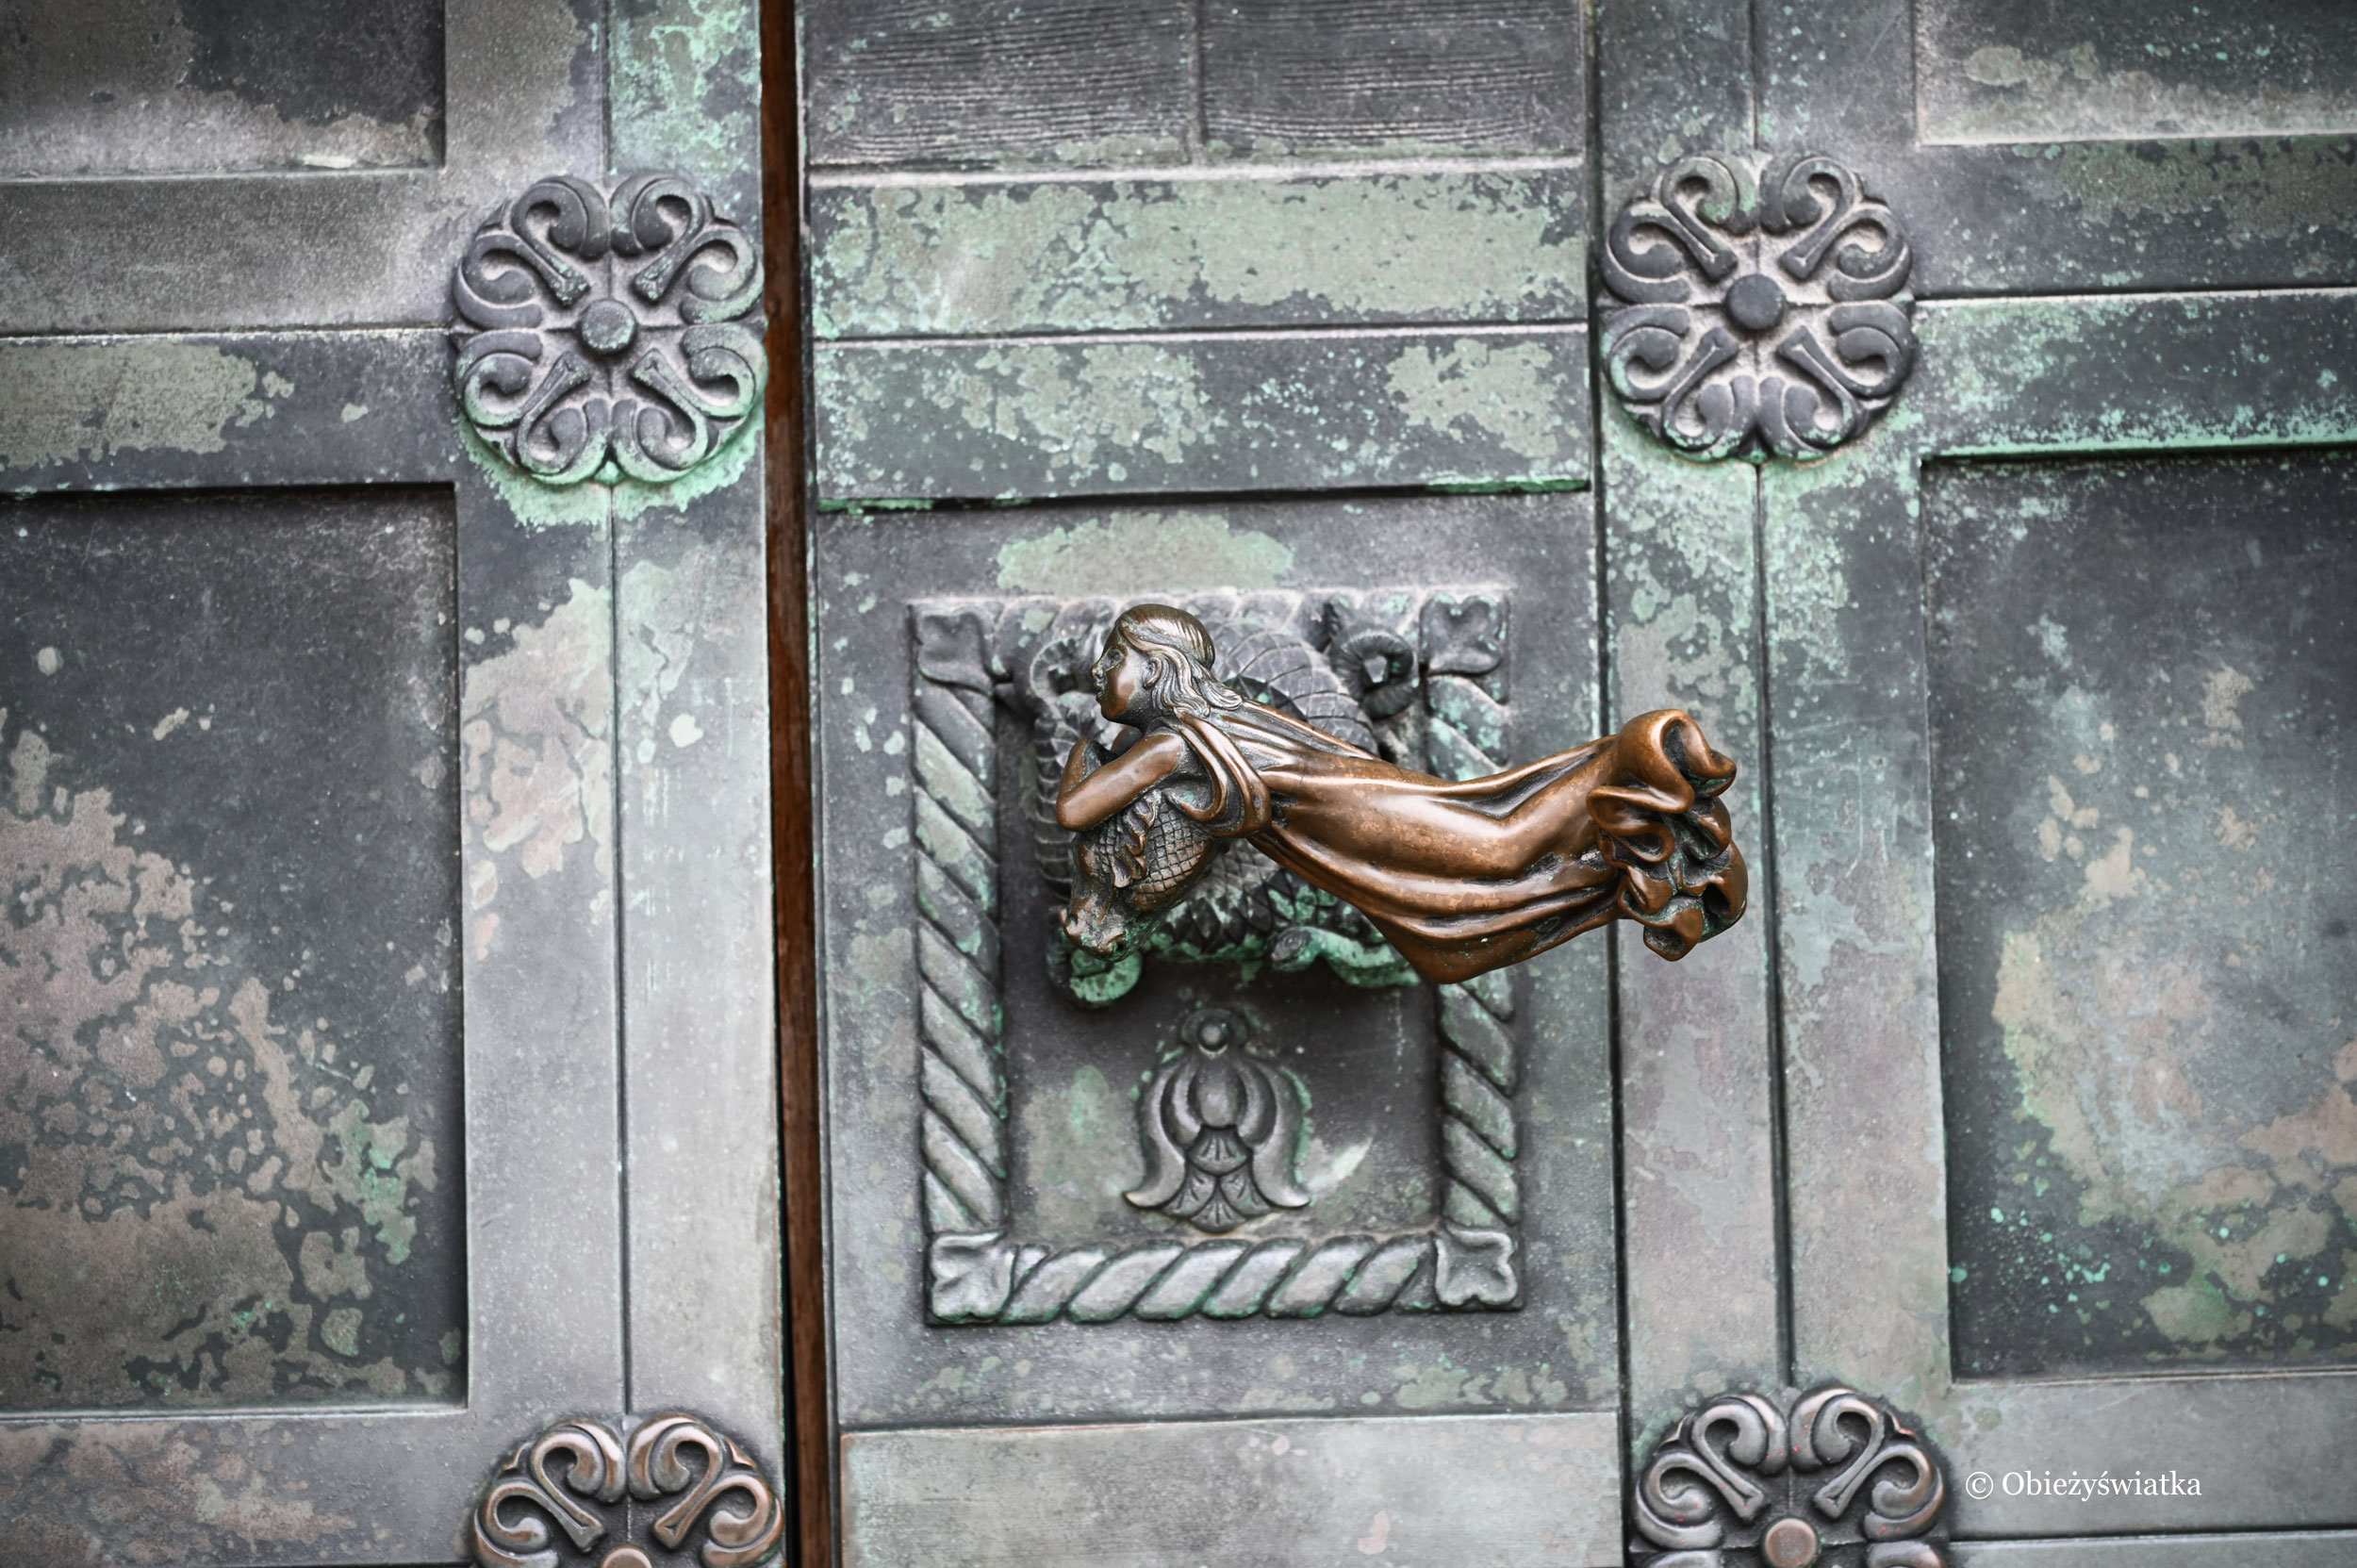 Jedna z klamek w Katedrze w Ribe, Dania